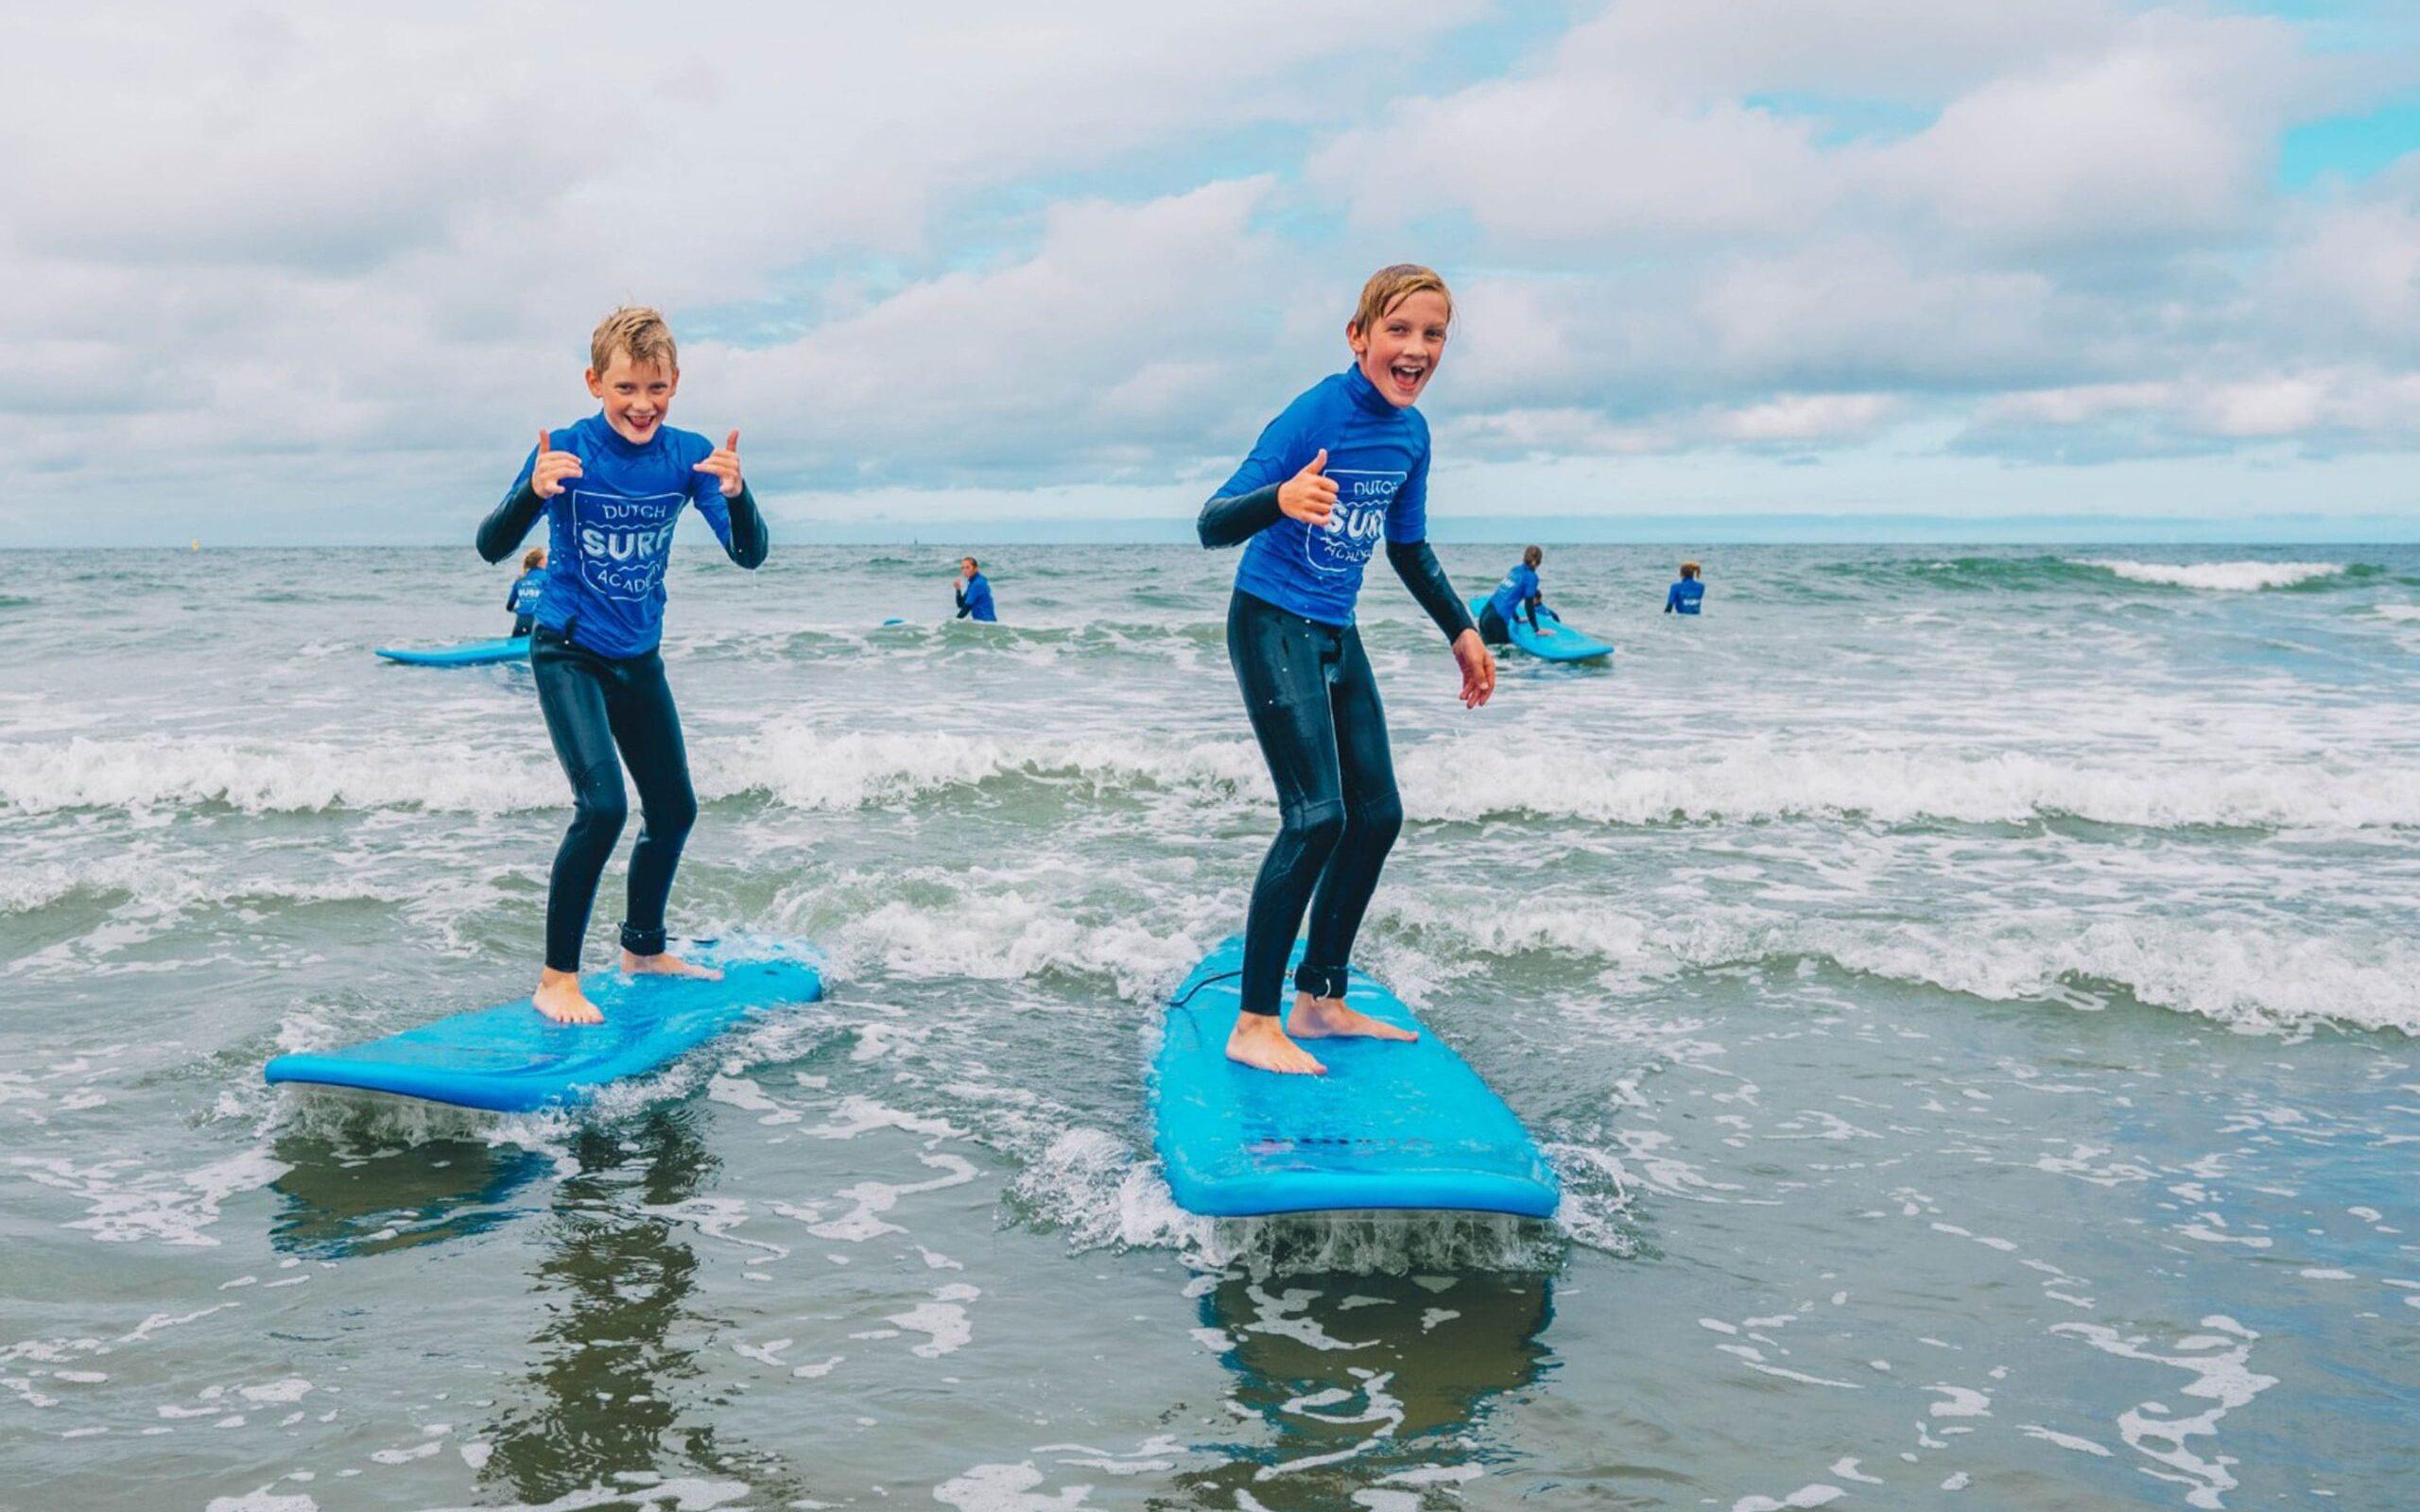 twee jongens golfsurfen Nederland